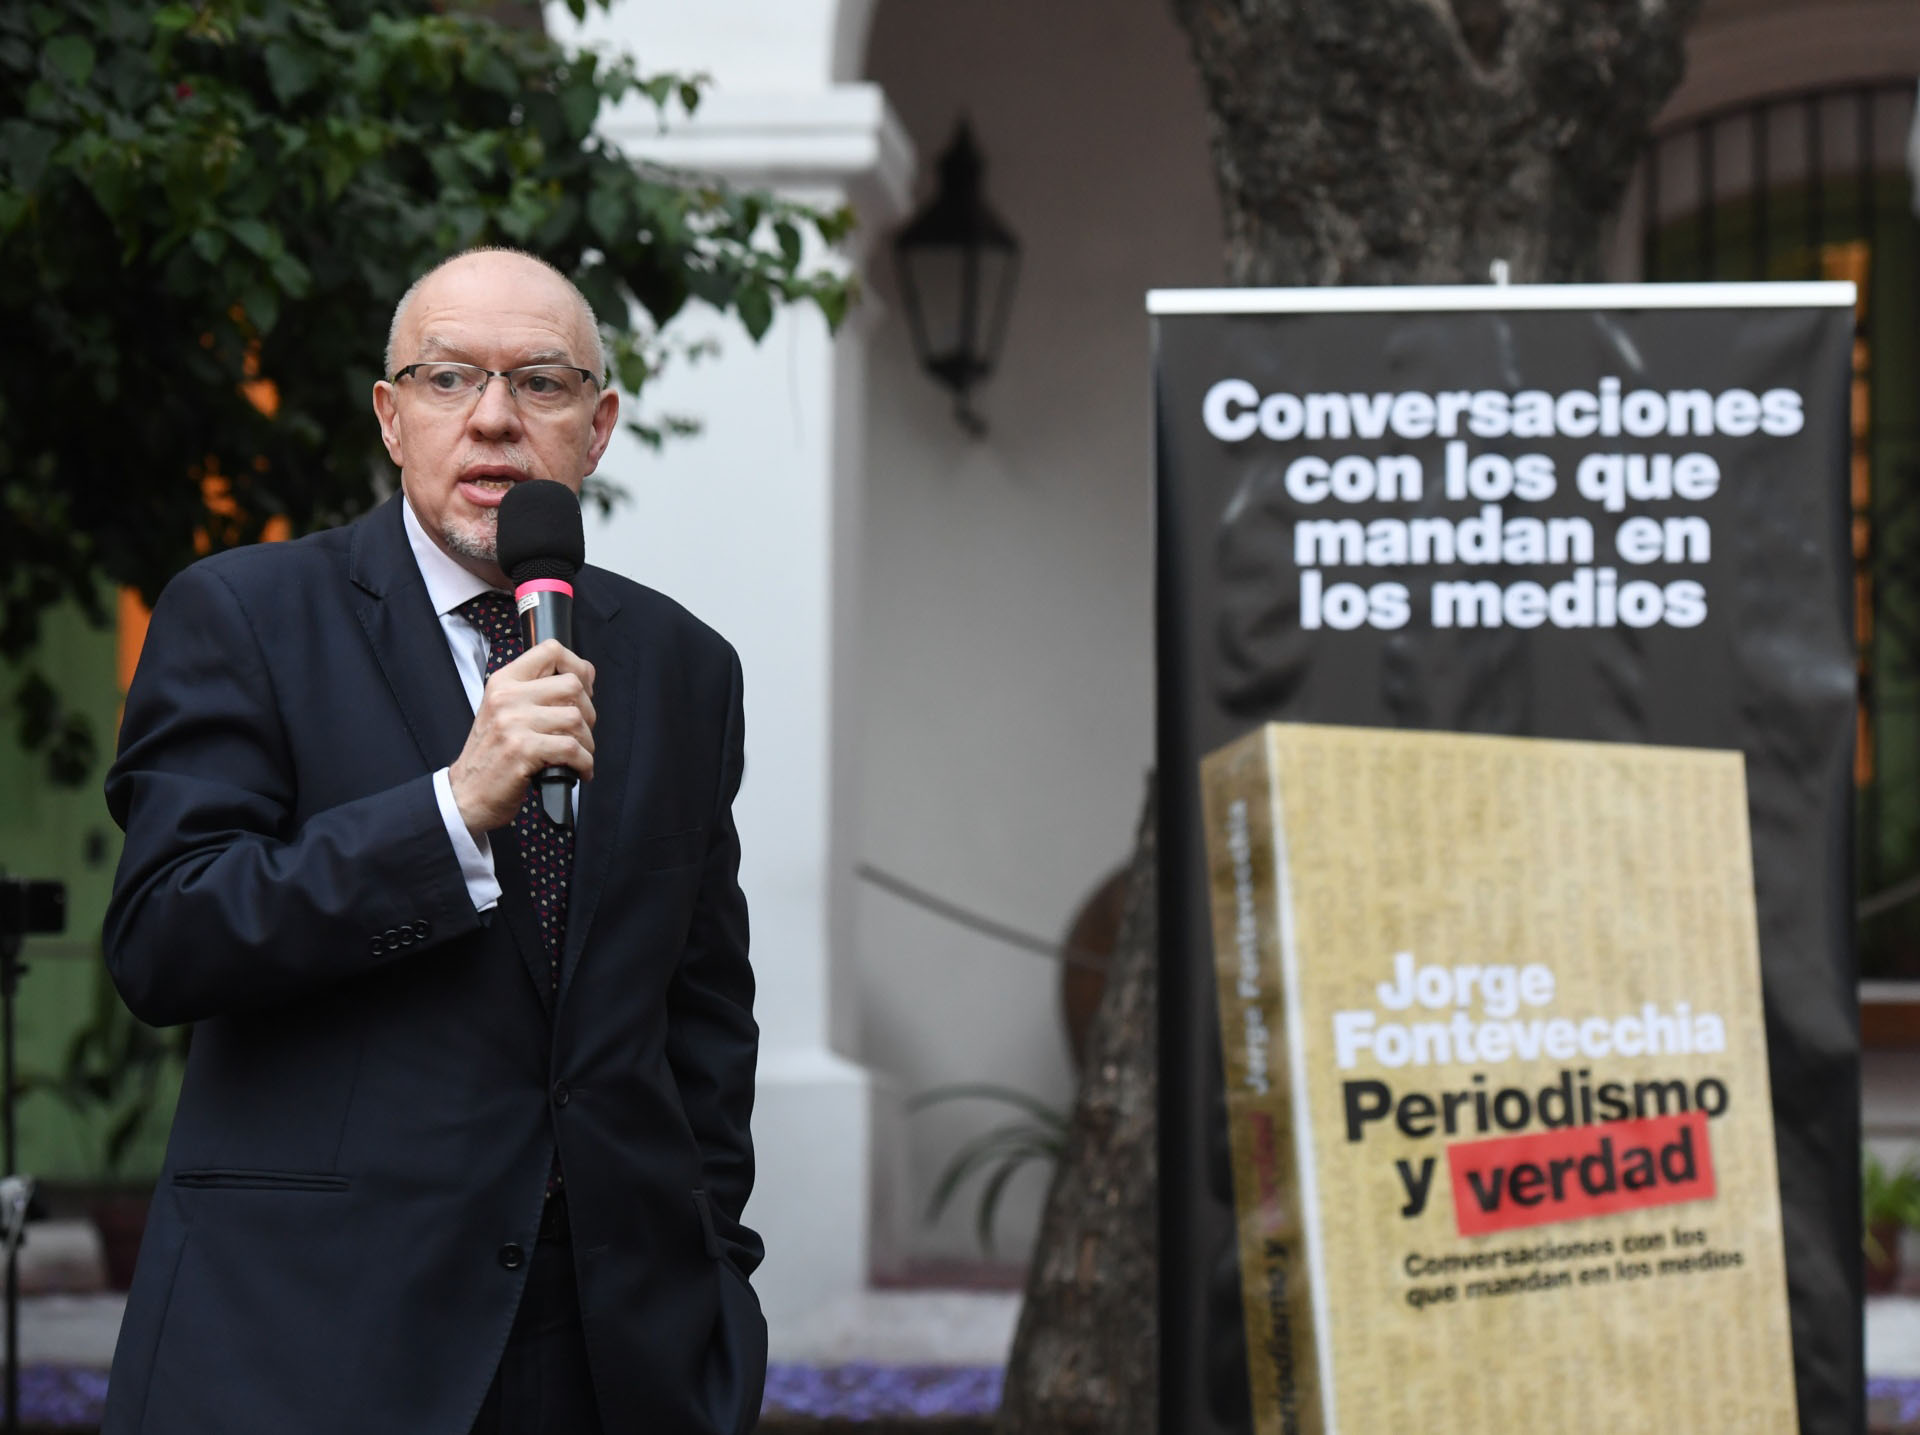 El periodista y escritor Jorge Fernández Díaz